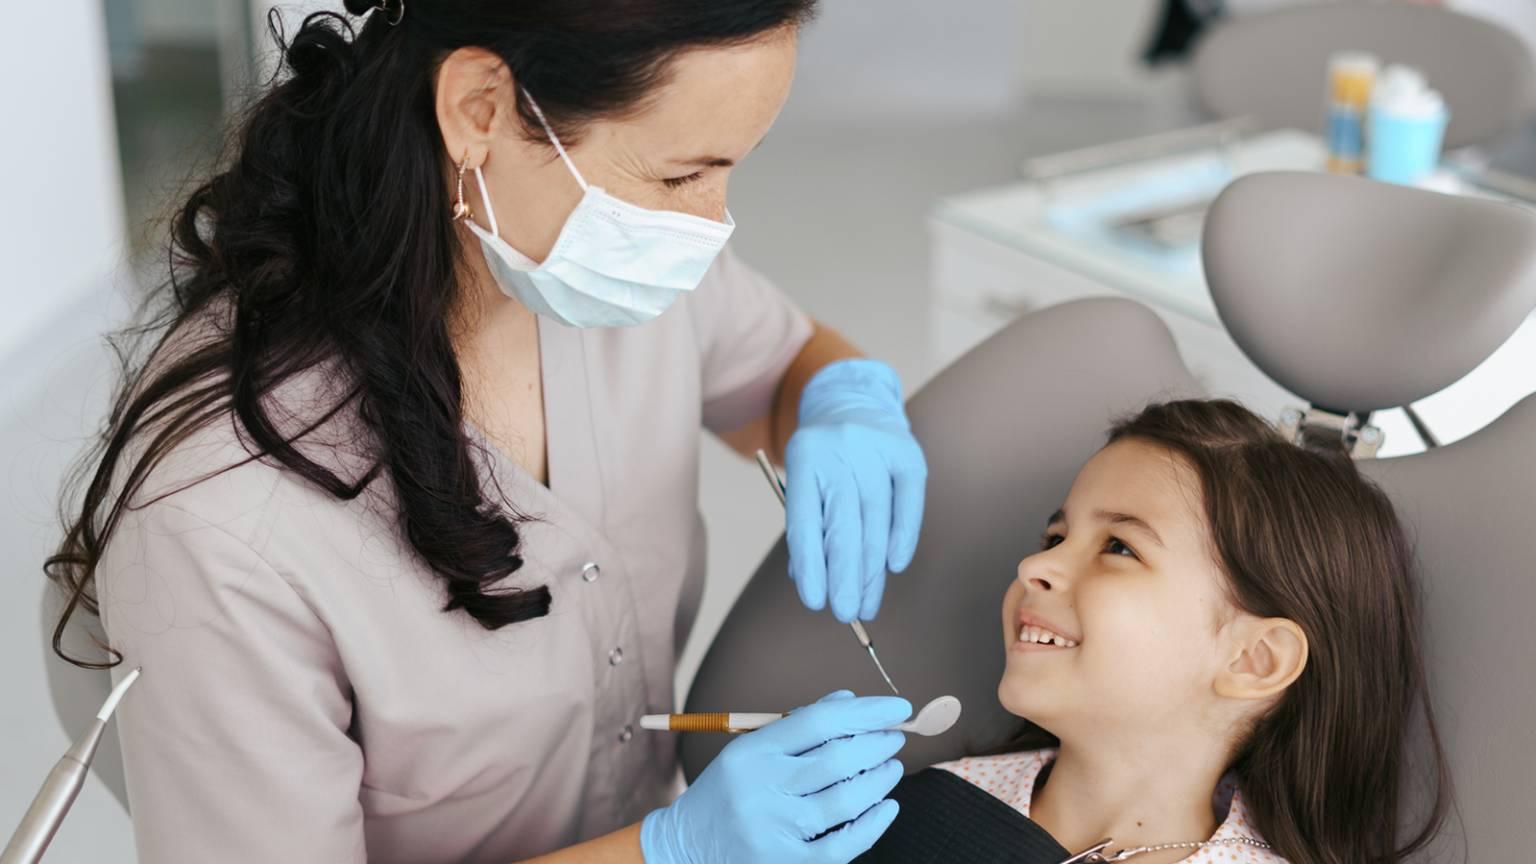 formacao_quando-devo-levar-meu-filho-ao-dentista-1536x864.jpg